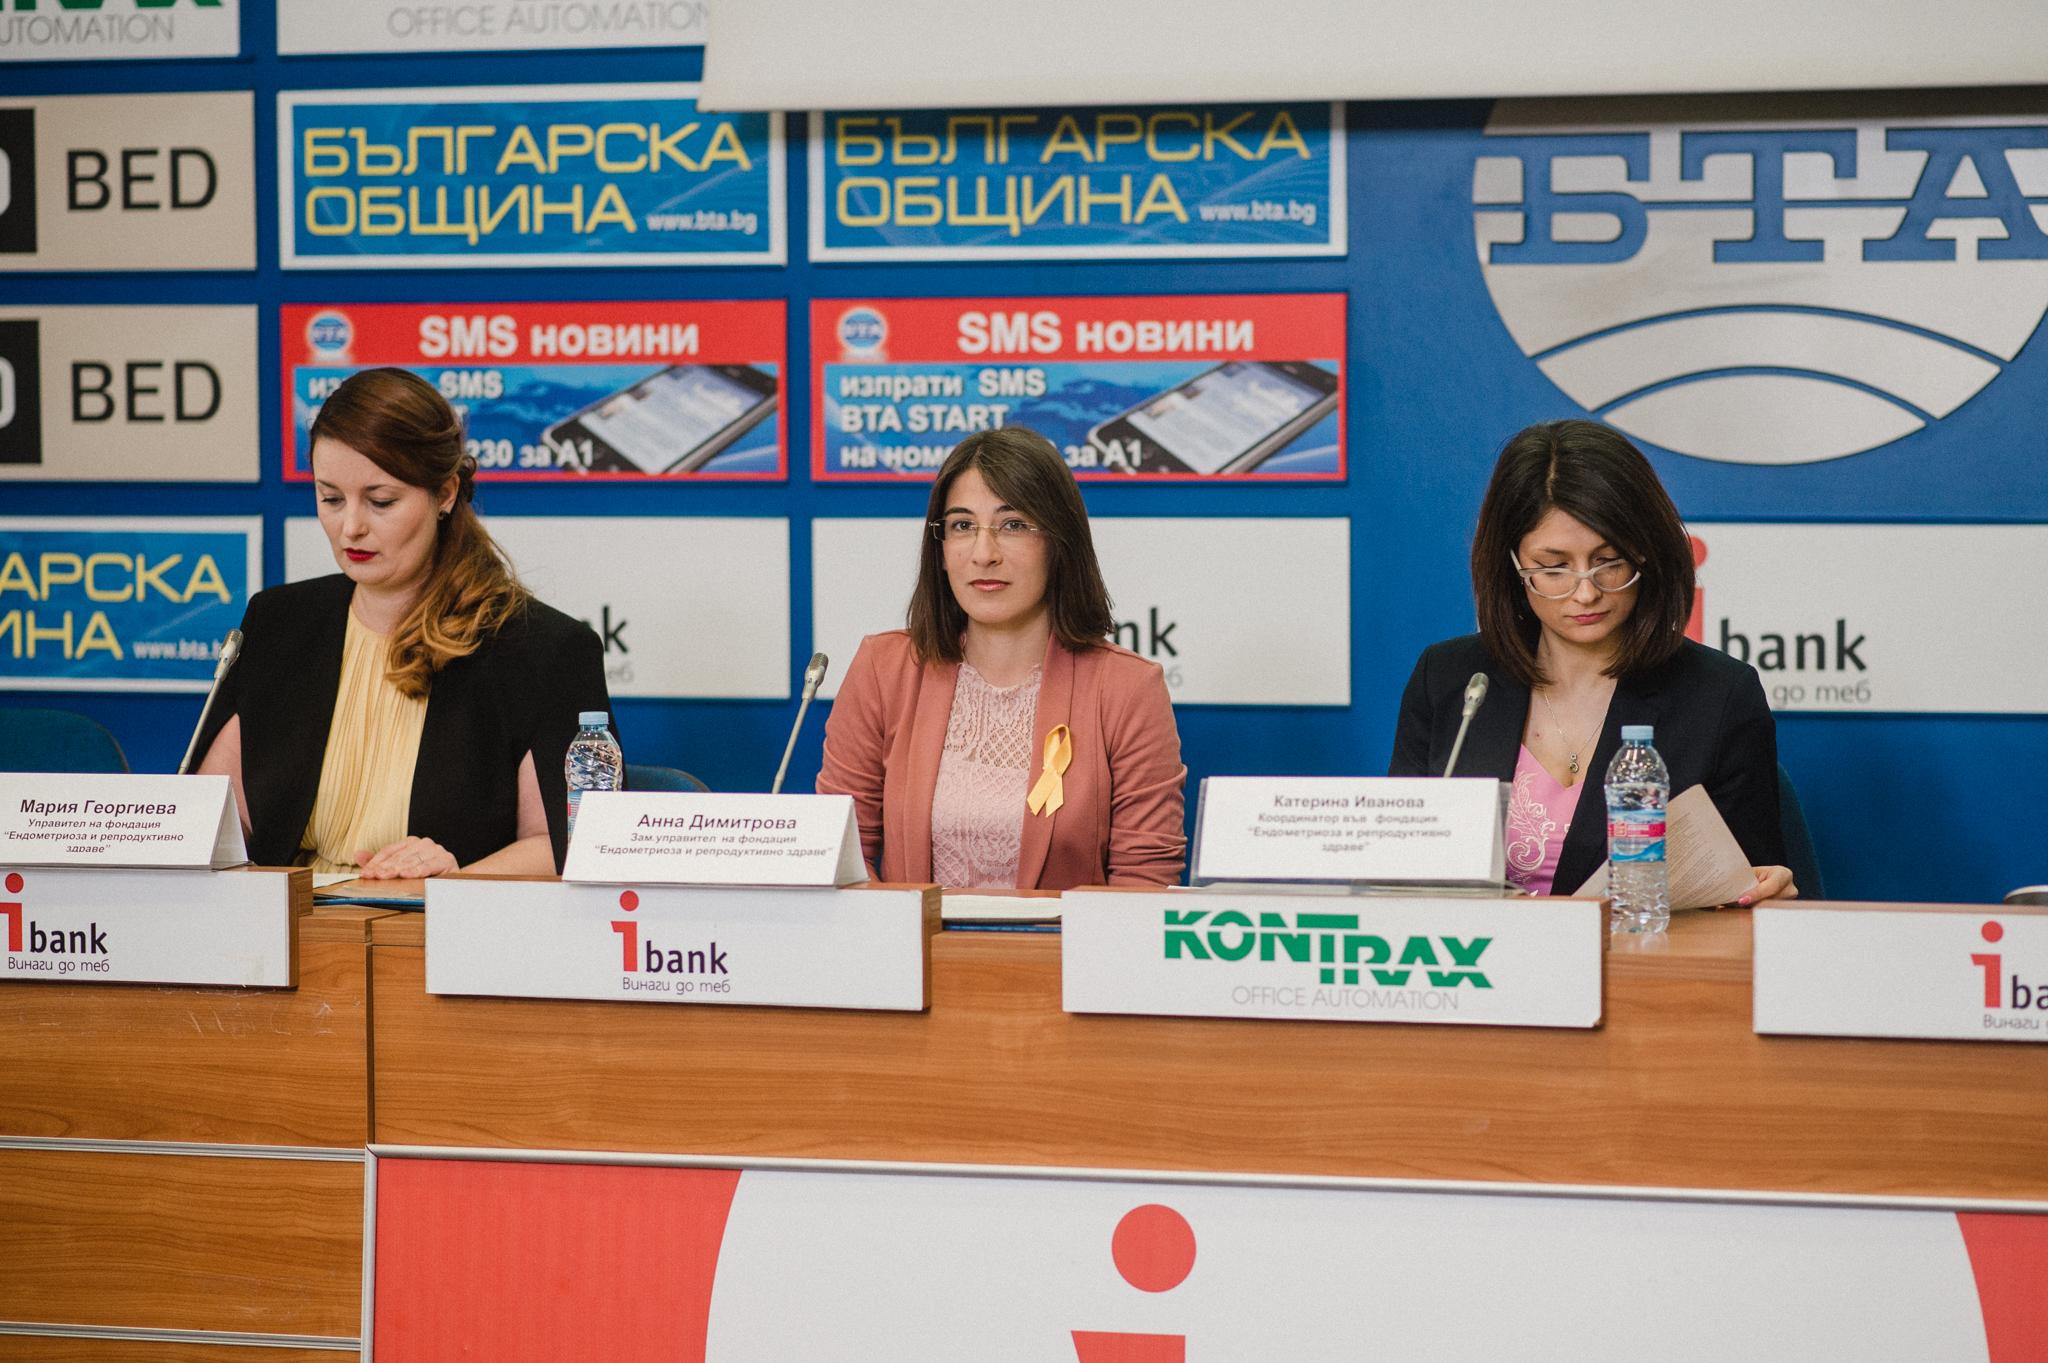 """Предконференция в БТА, обявяване на фондация """"Ендометриоза и репродуктивно здраве"""""""